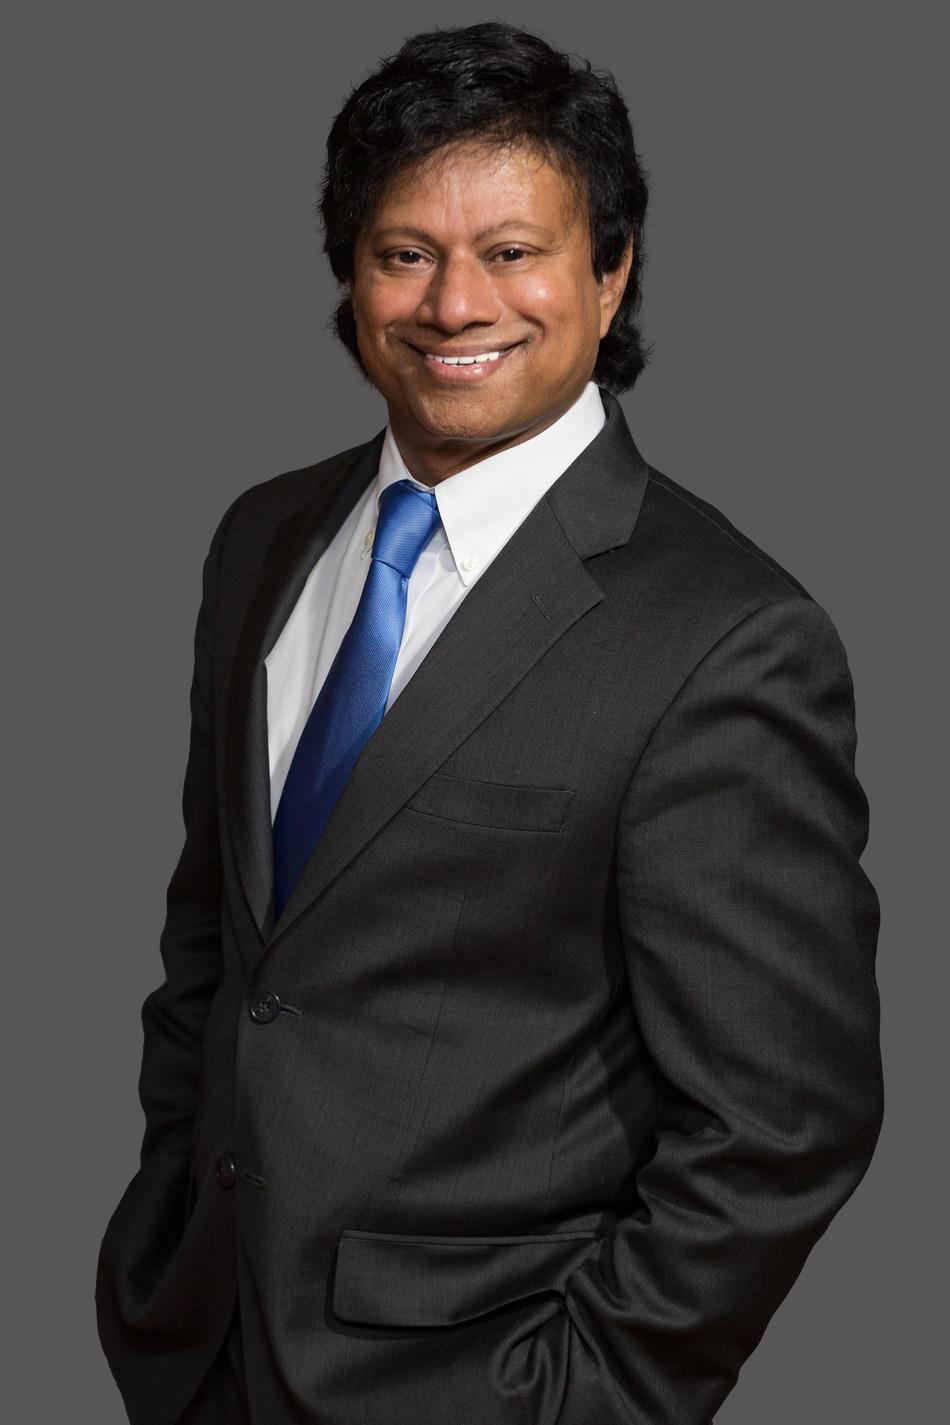 Shri Thanedar, candidate for Governor of Michigan.